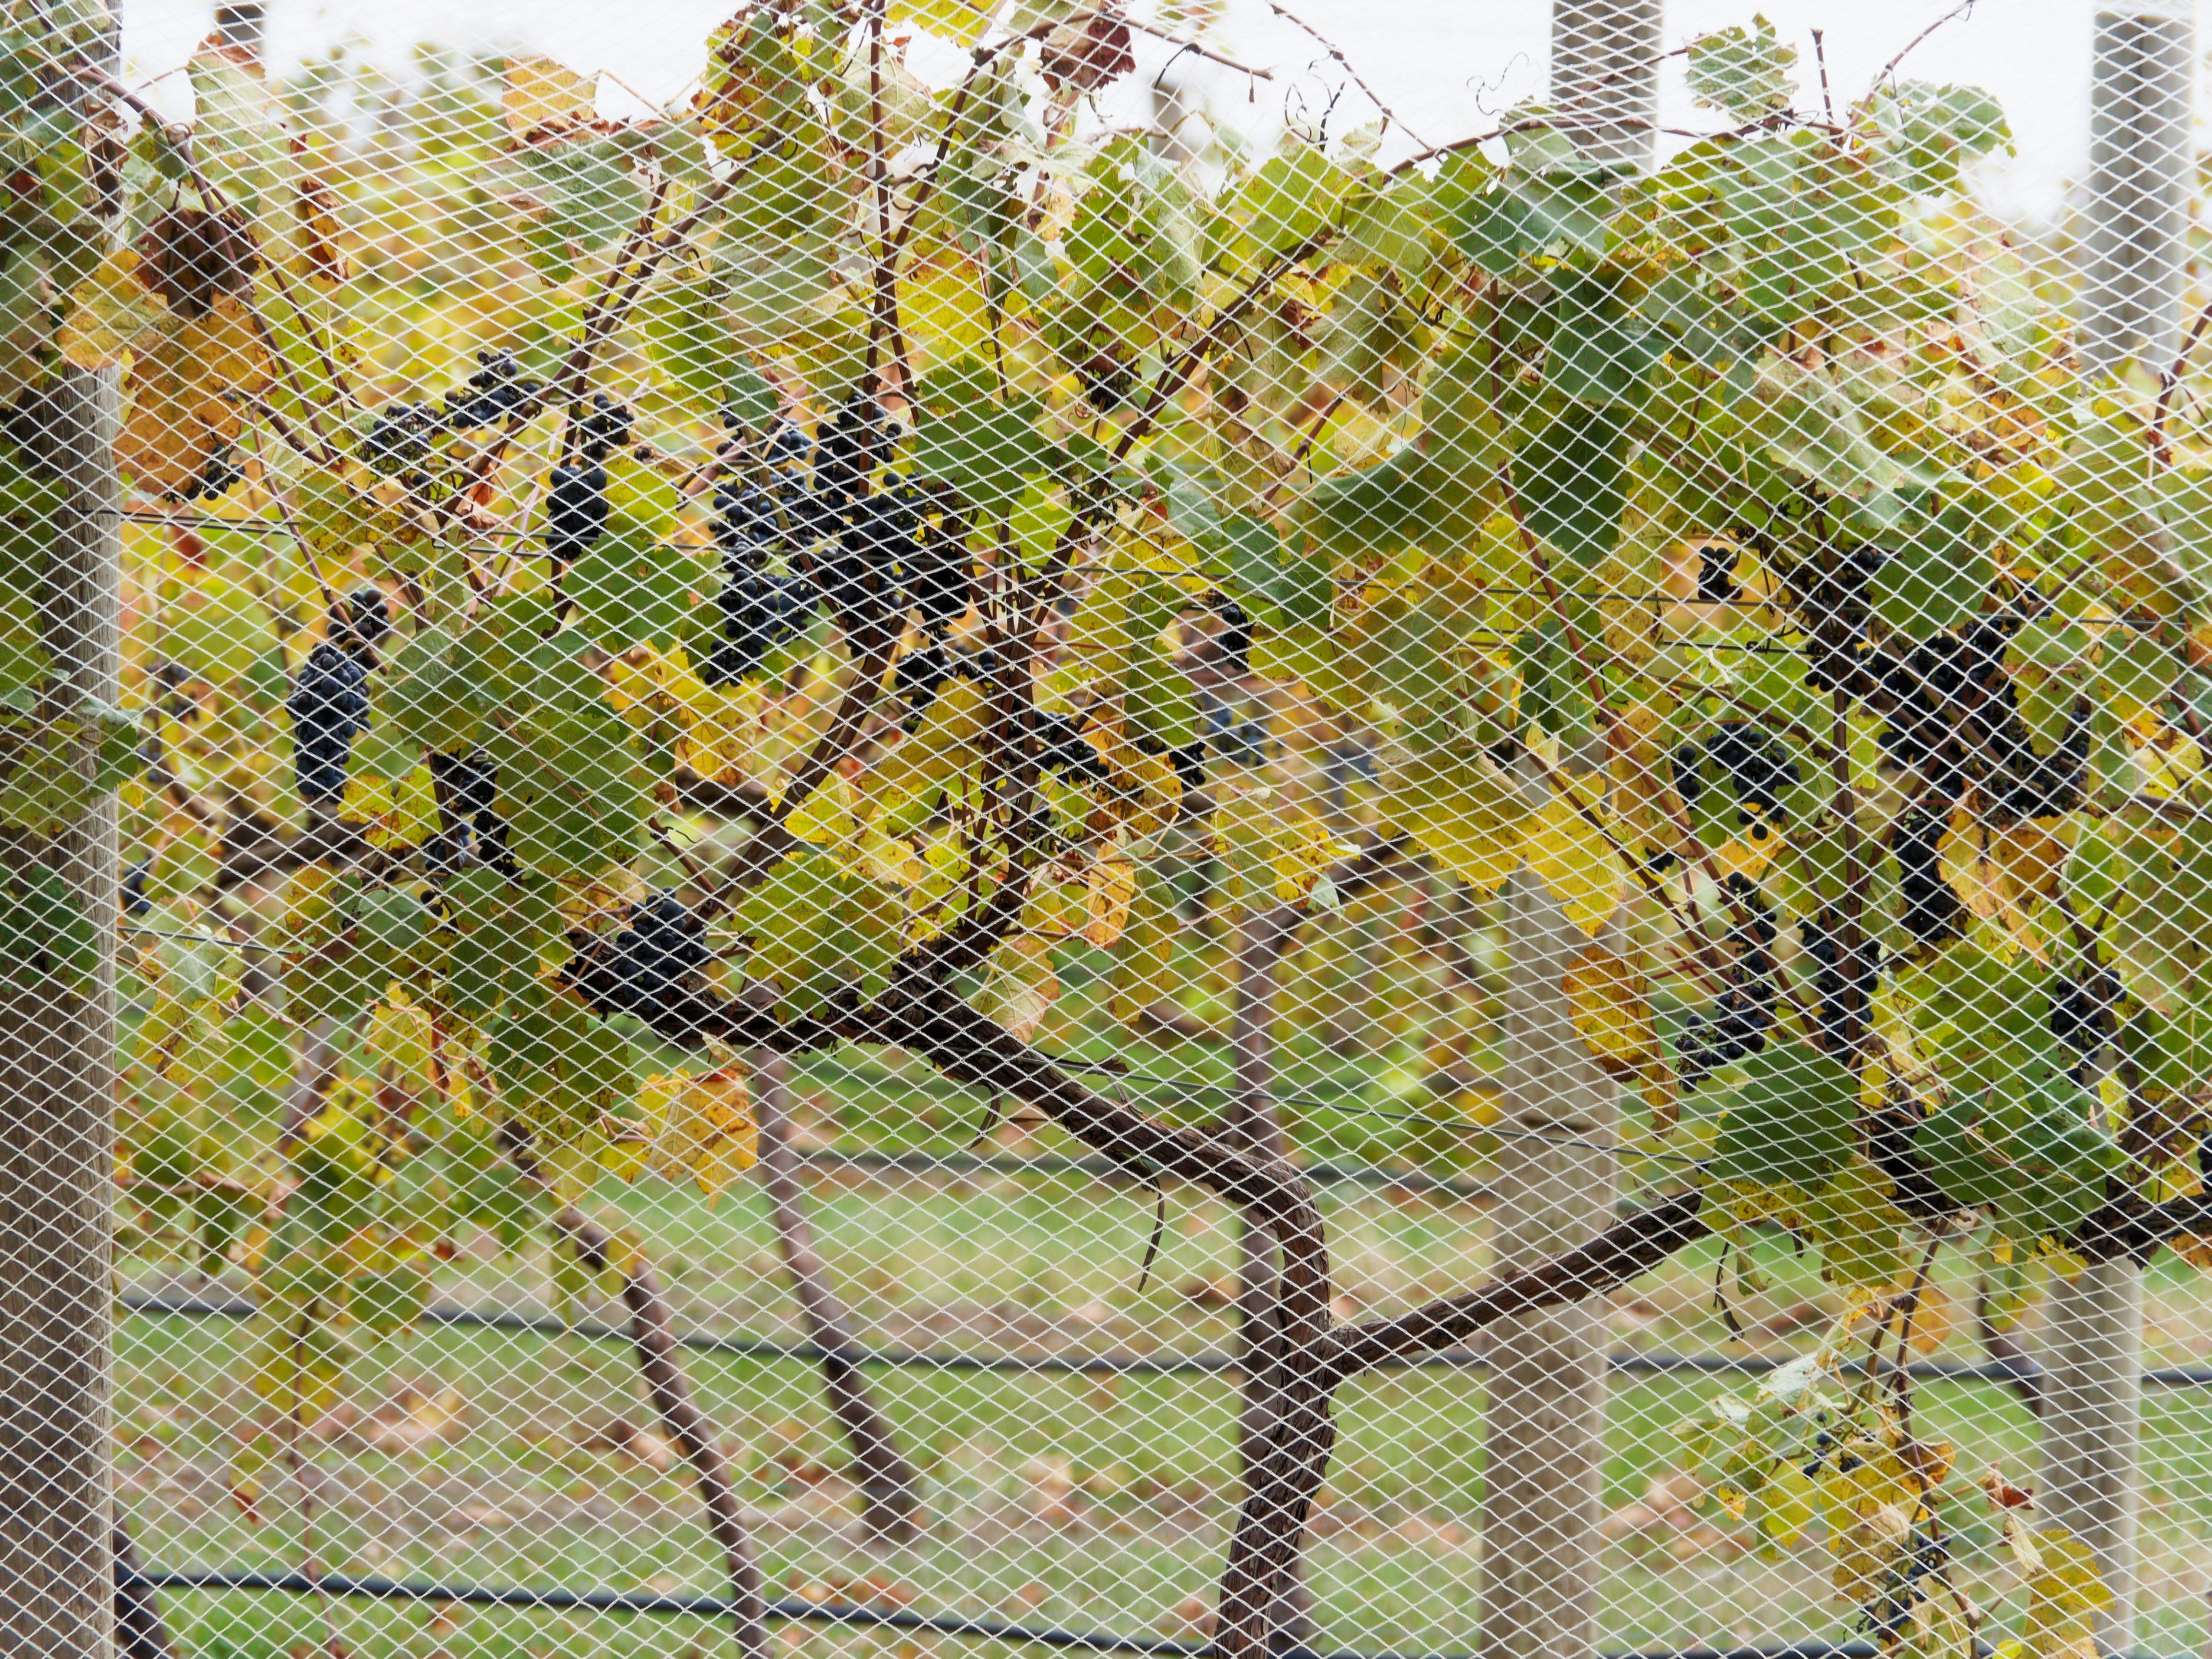 Vines-4.jpeg